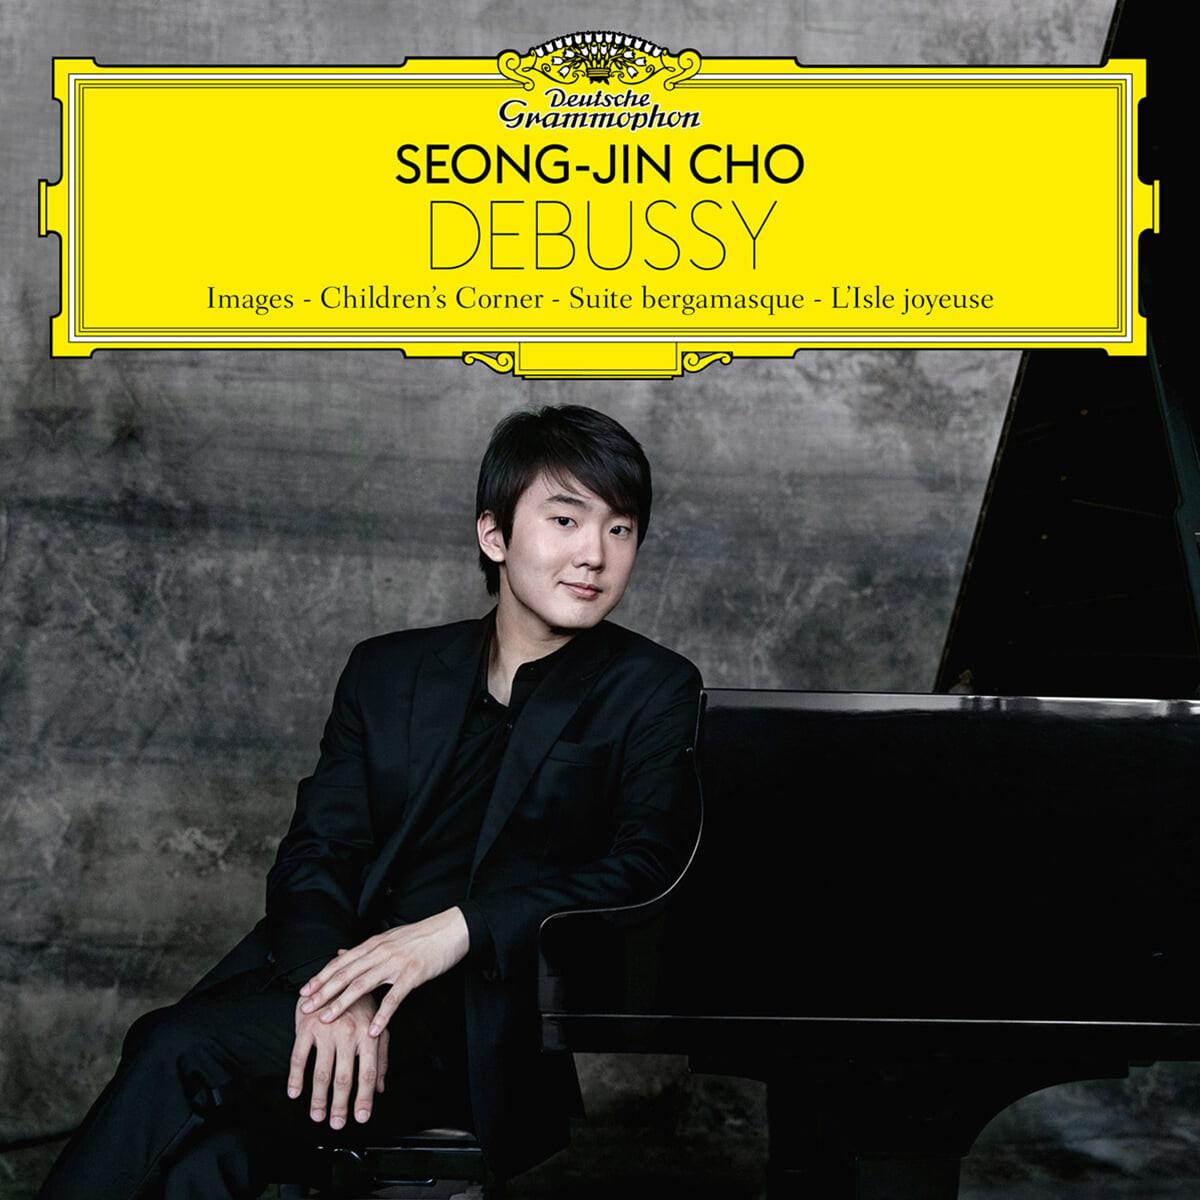 조성진 - 드뷔시: 영상, 어린이 차지 외 (Debussy: Images)